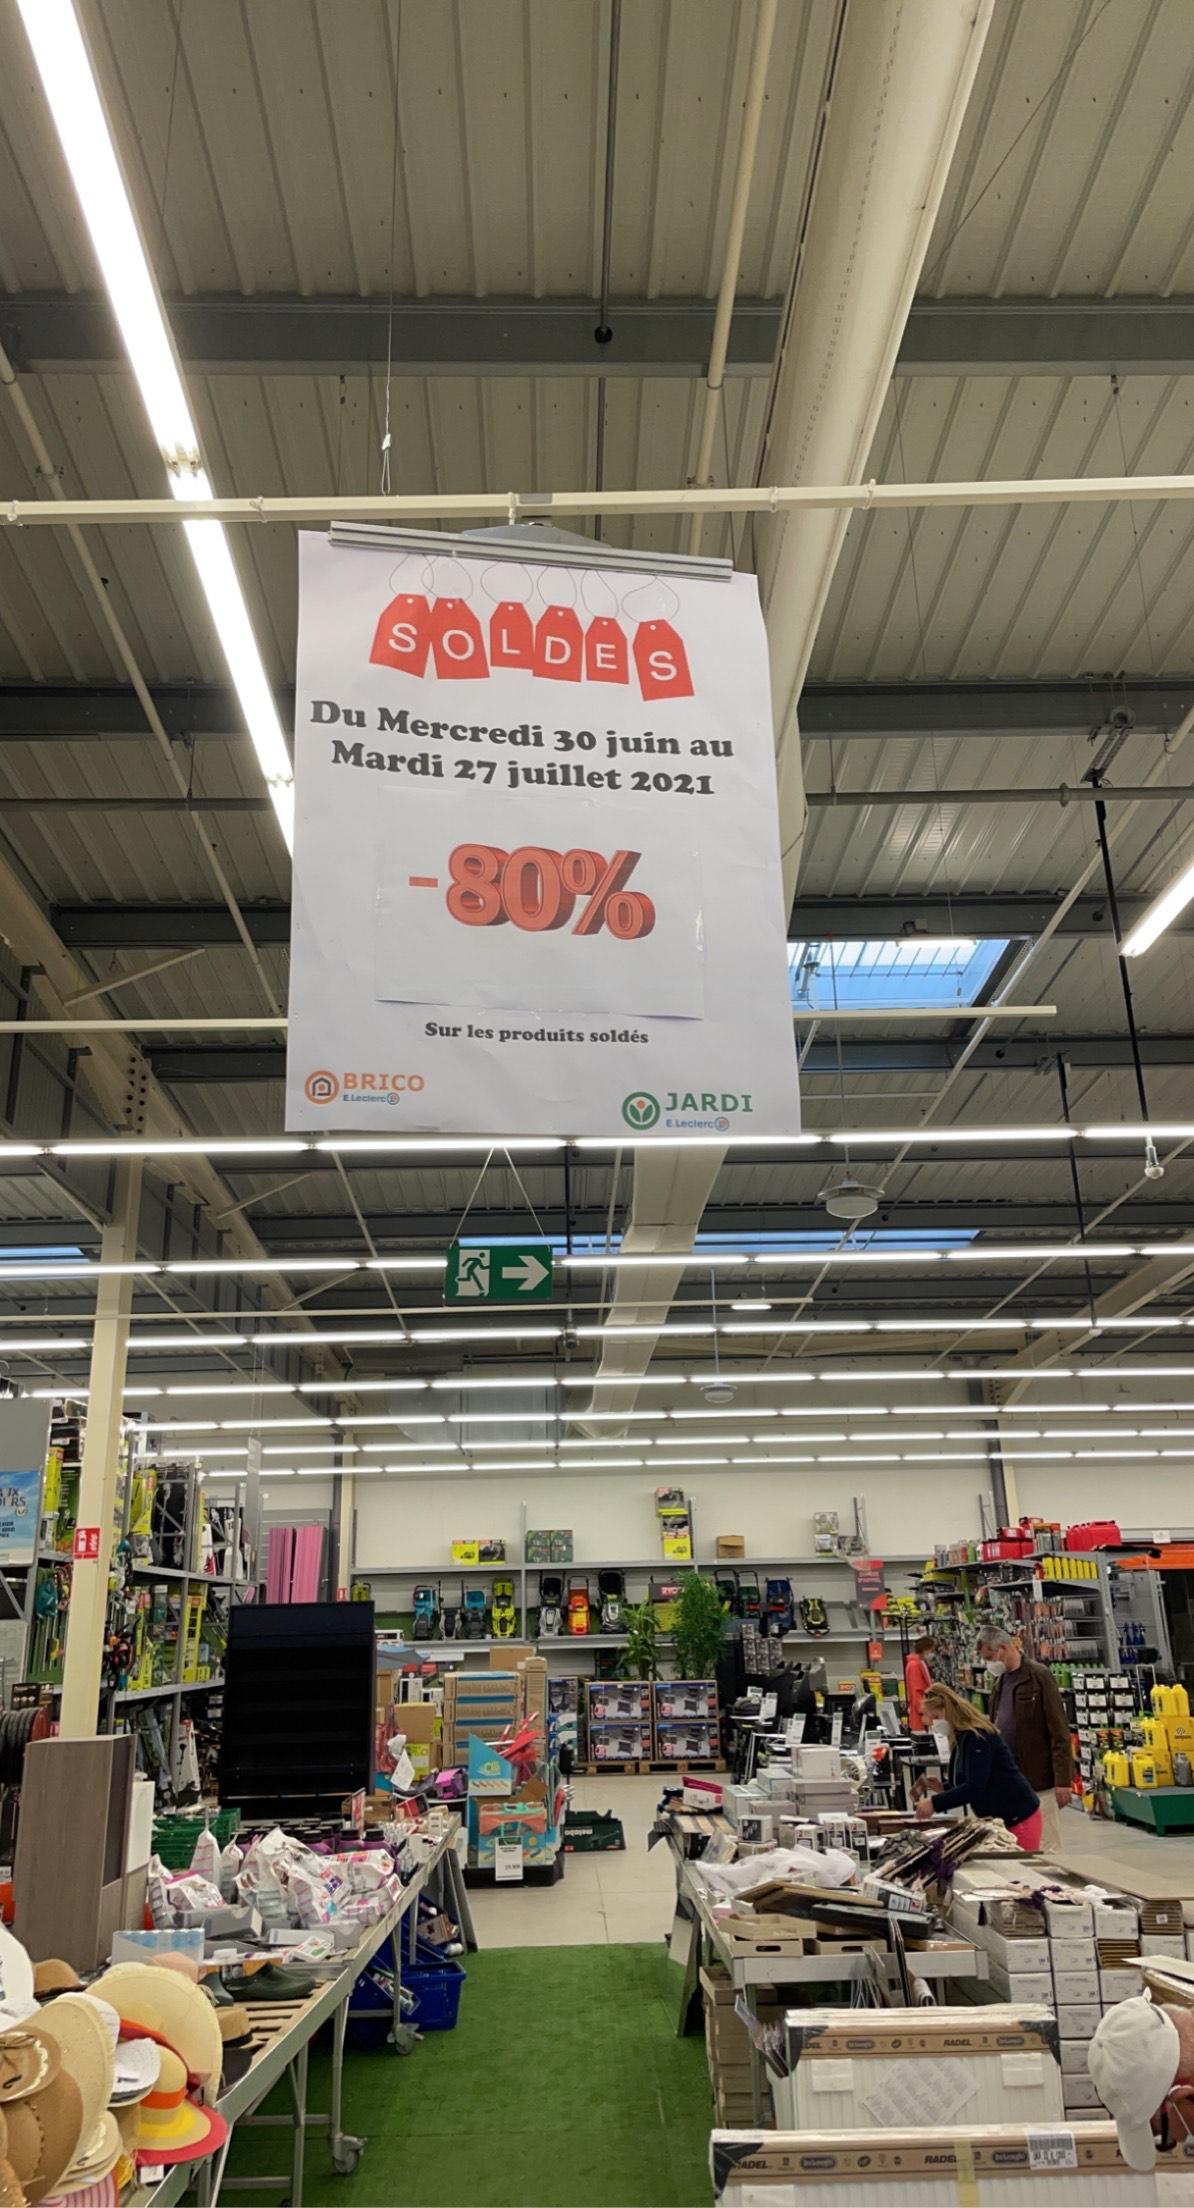 80% de réduction sur les articles soldés - Leclerc Brico Pont-Sainte-Maxence (60)